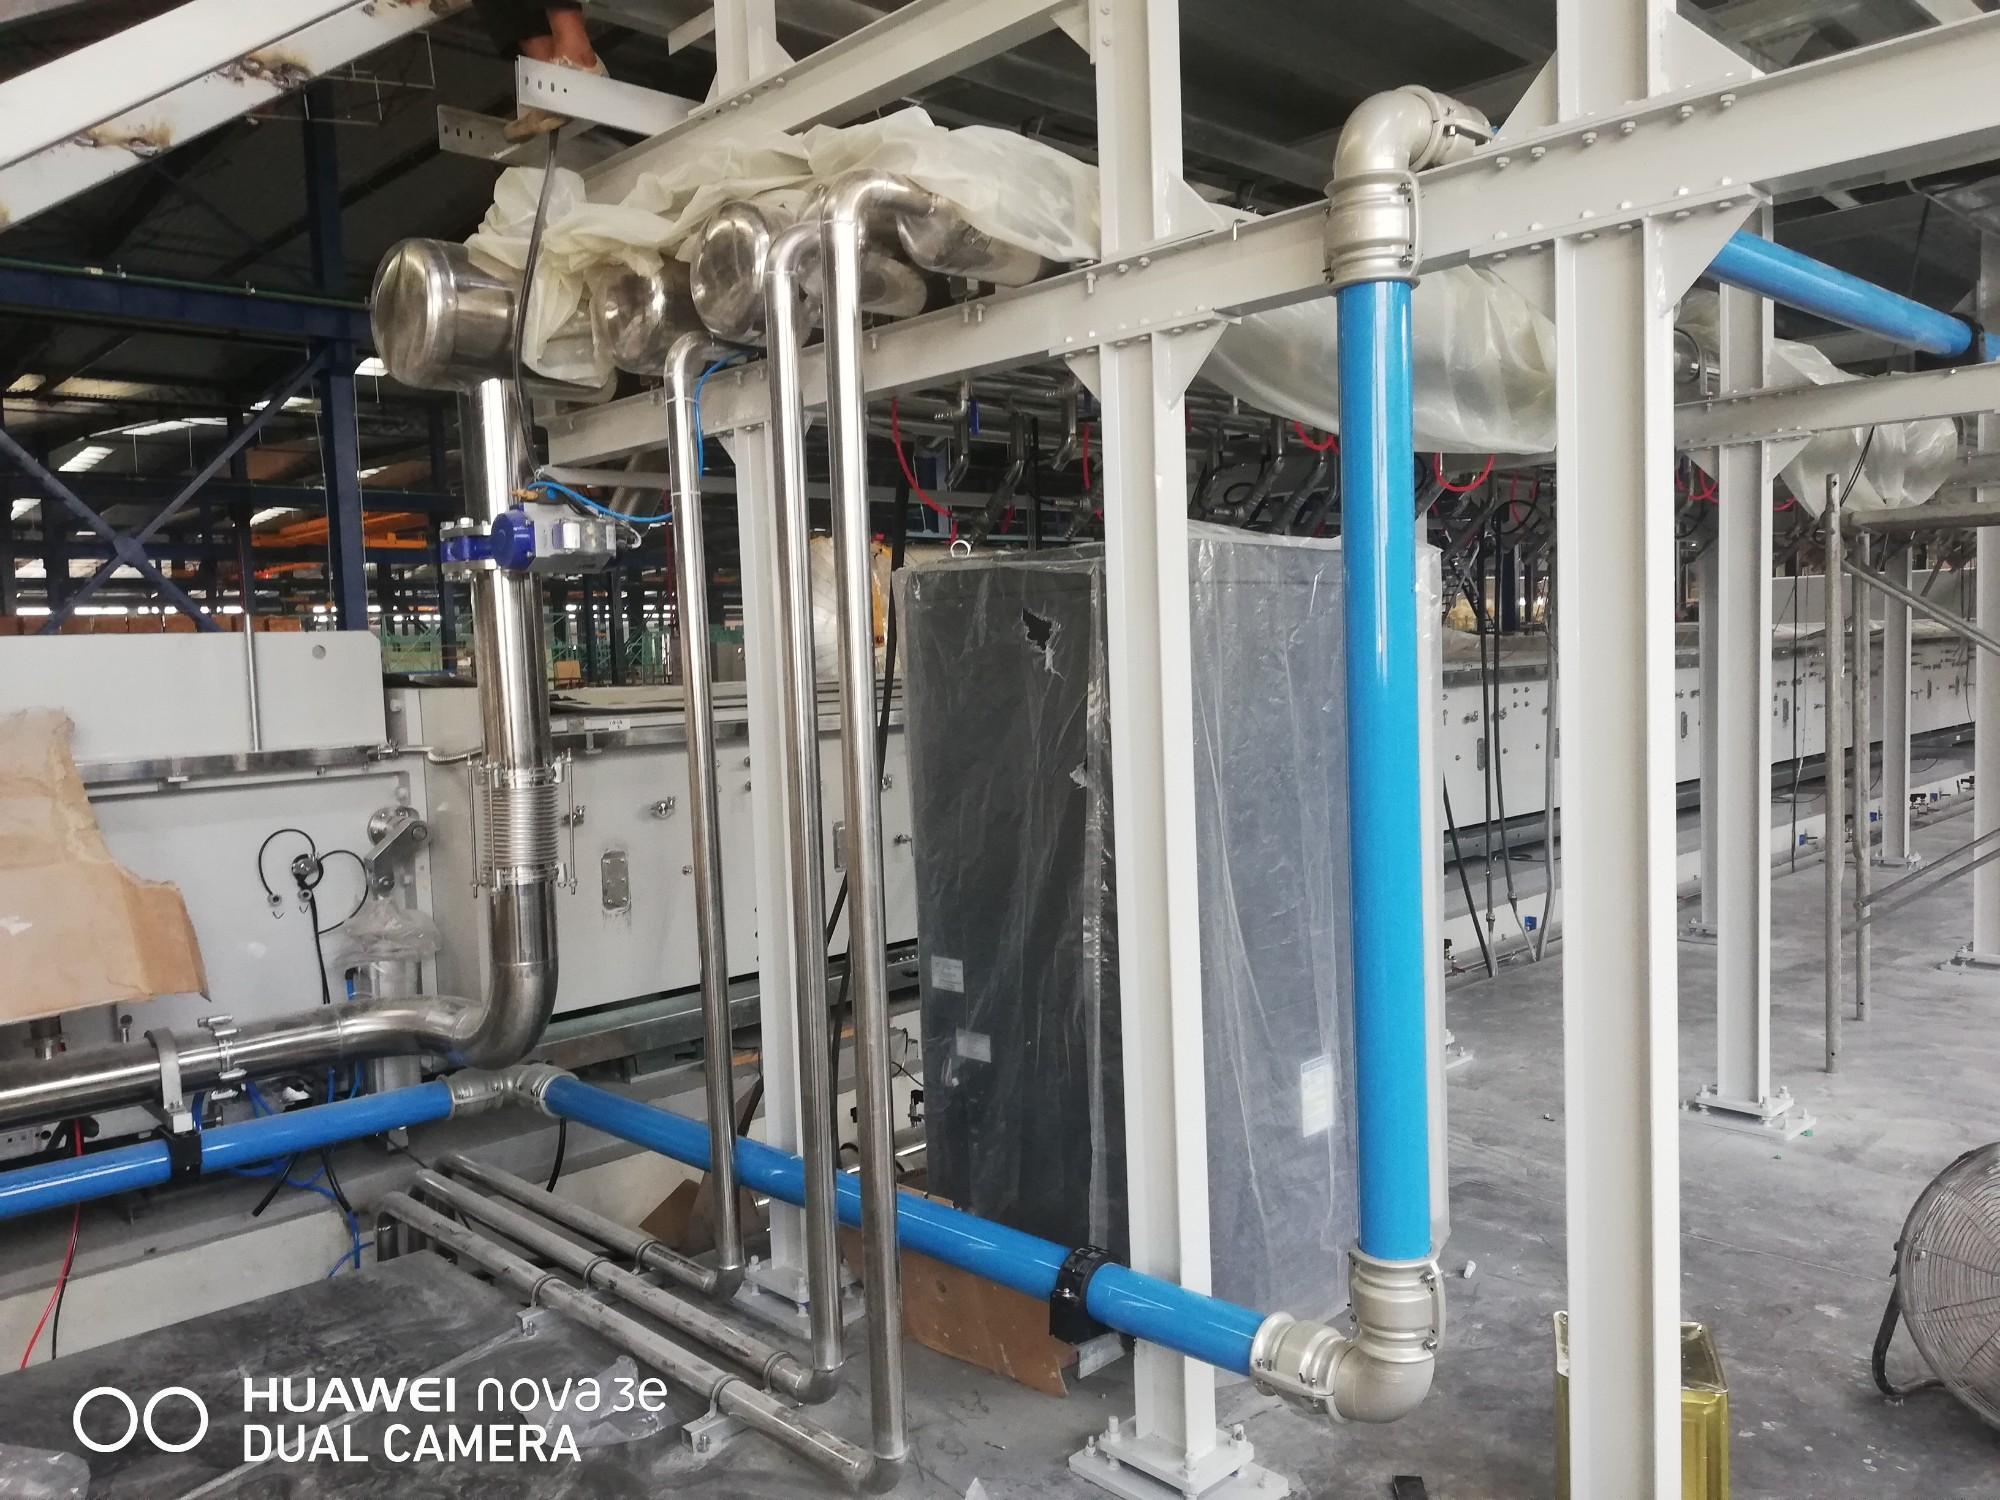 压缩空气管道系统节能改造需求主要来自哪些方面